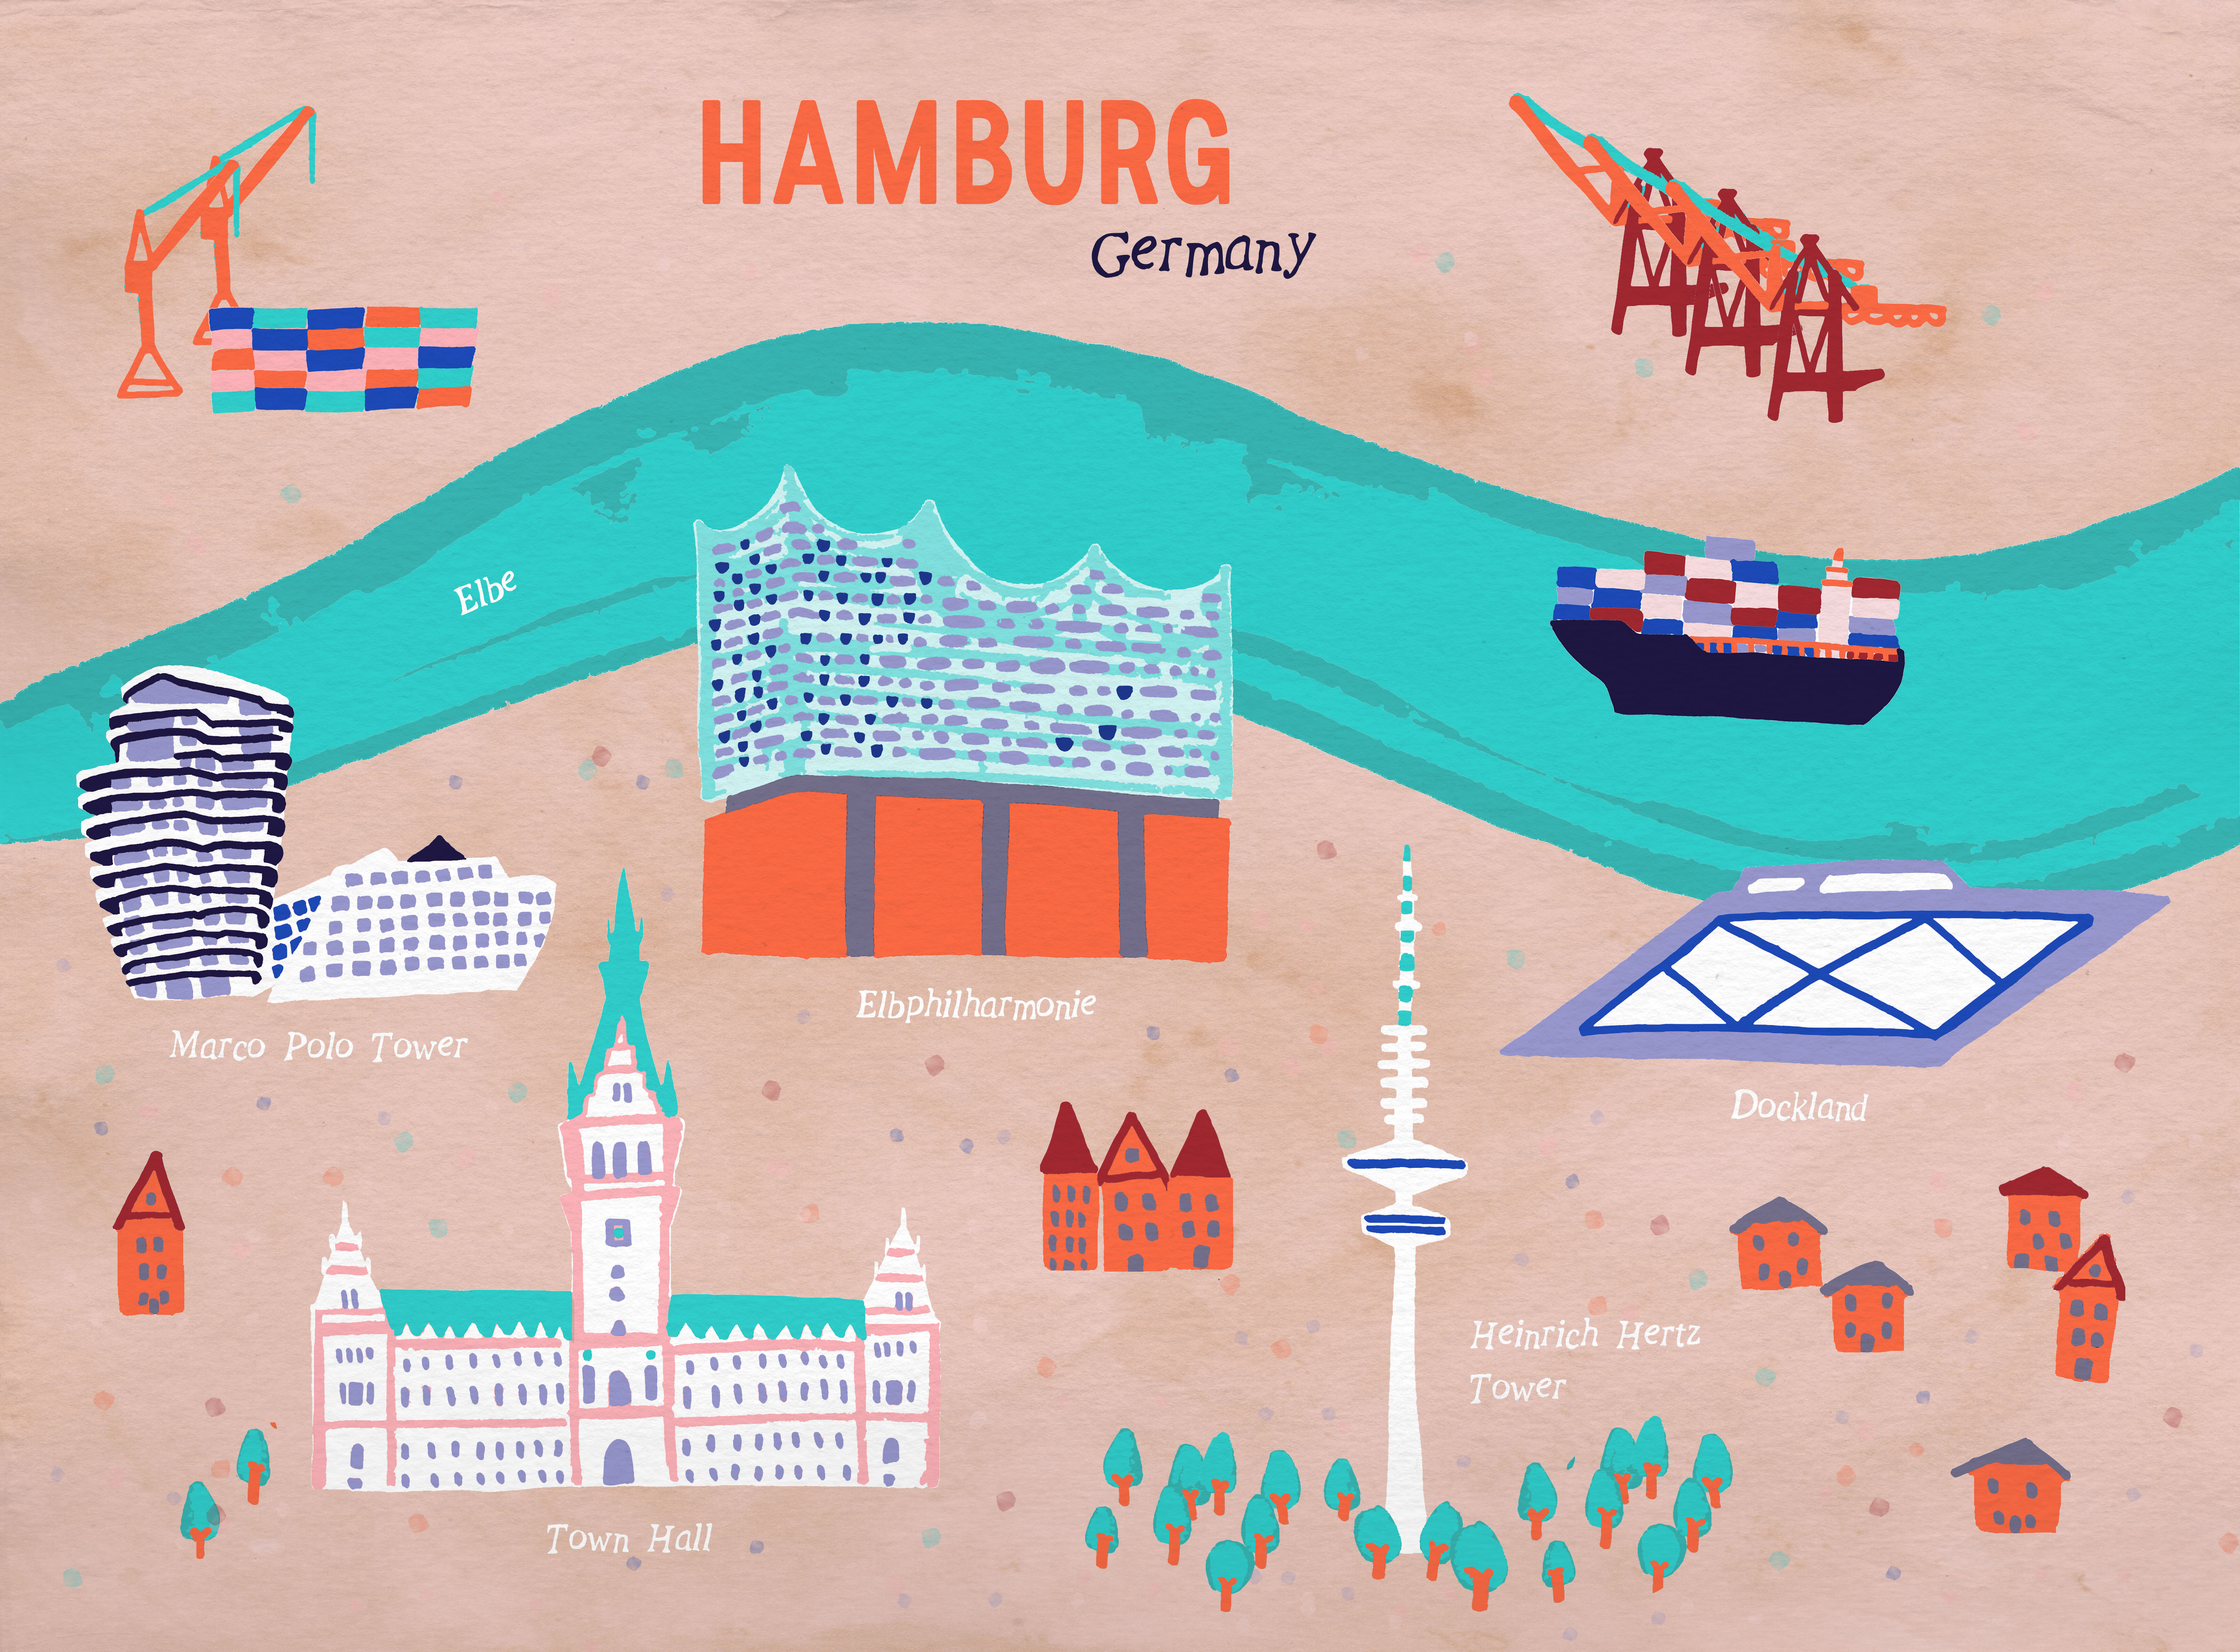 Hamburgmap